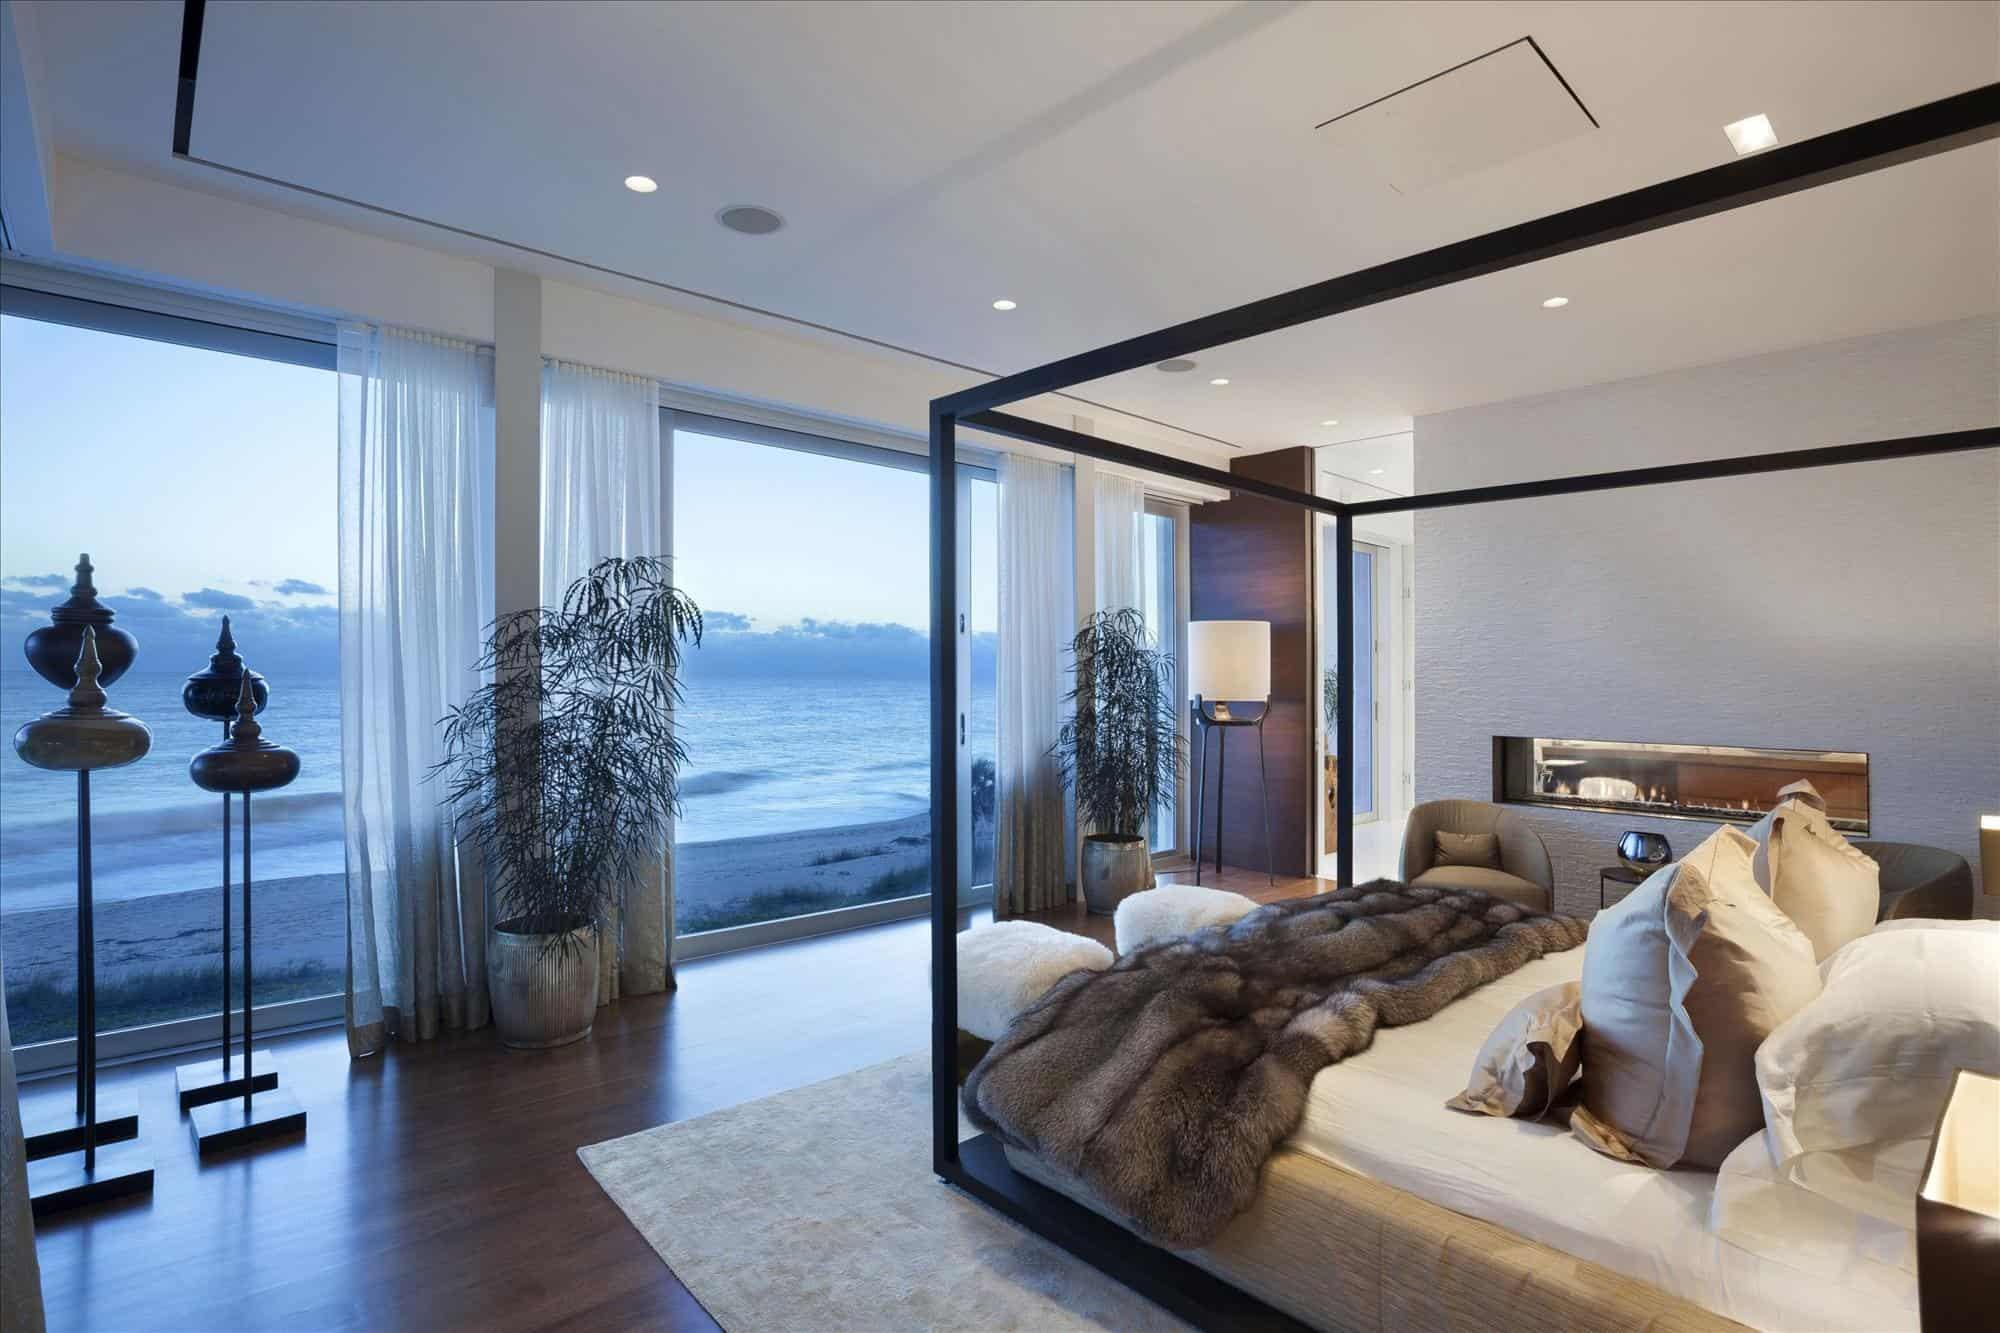 modern luxury homes bedroom. view in gallery modern luxury homes bedroom